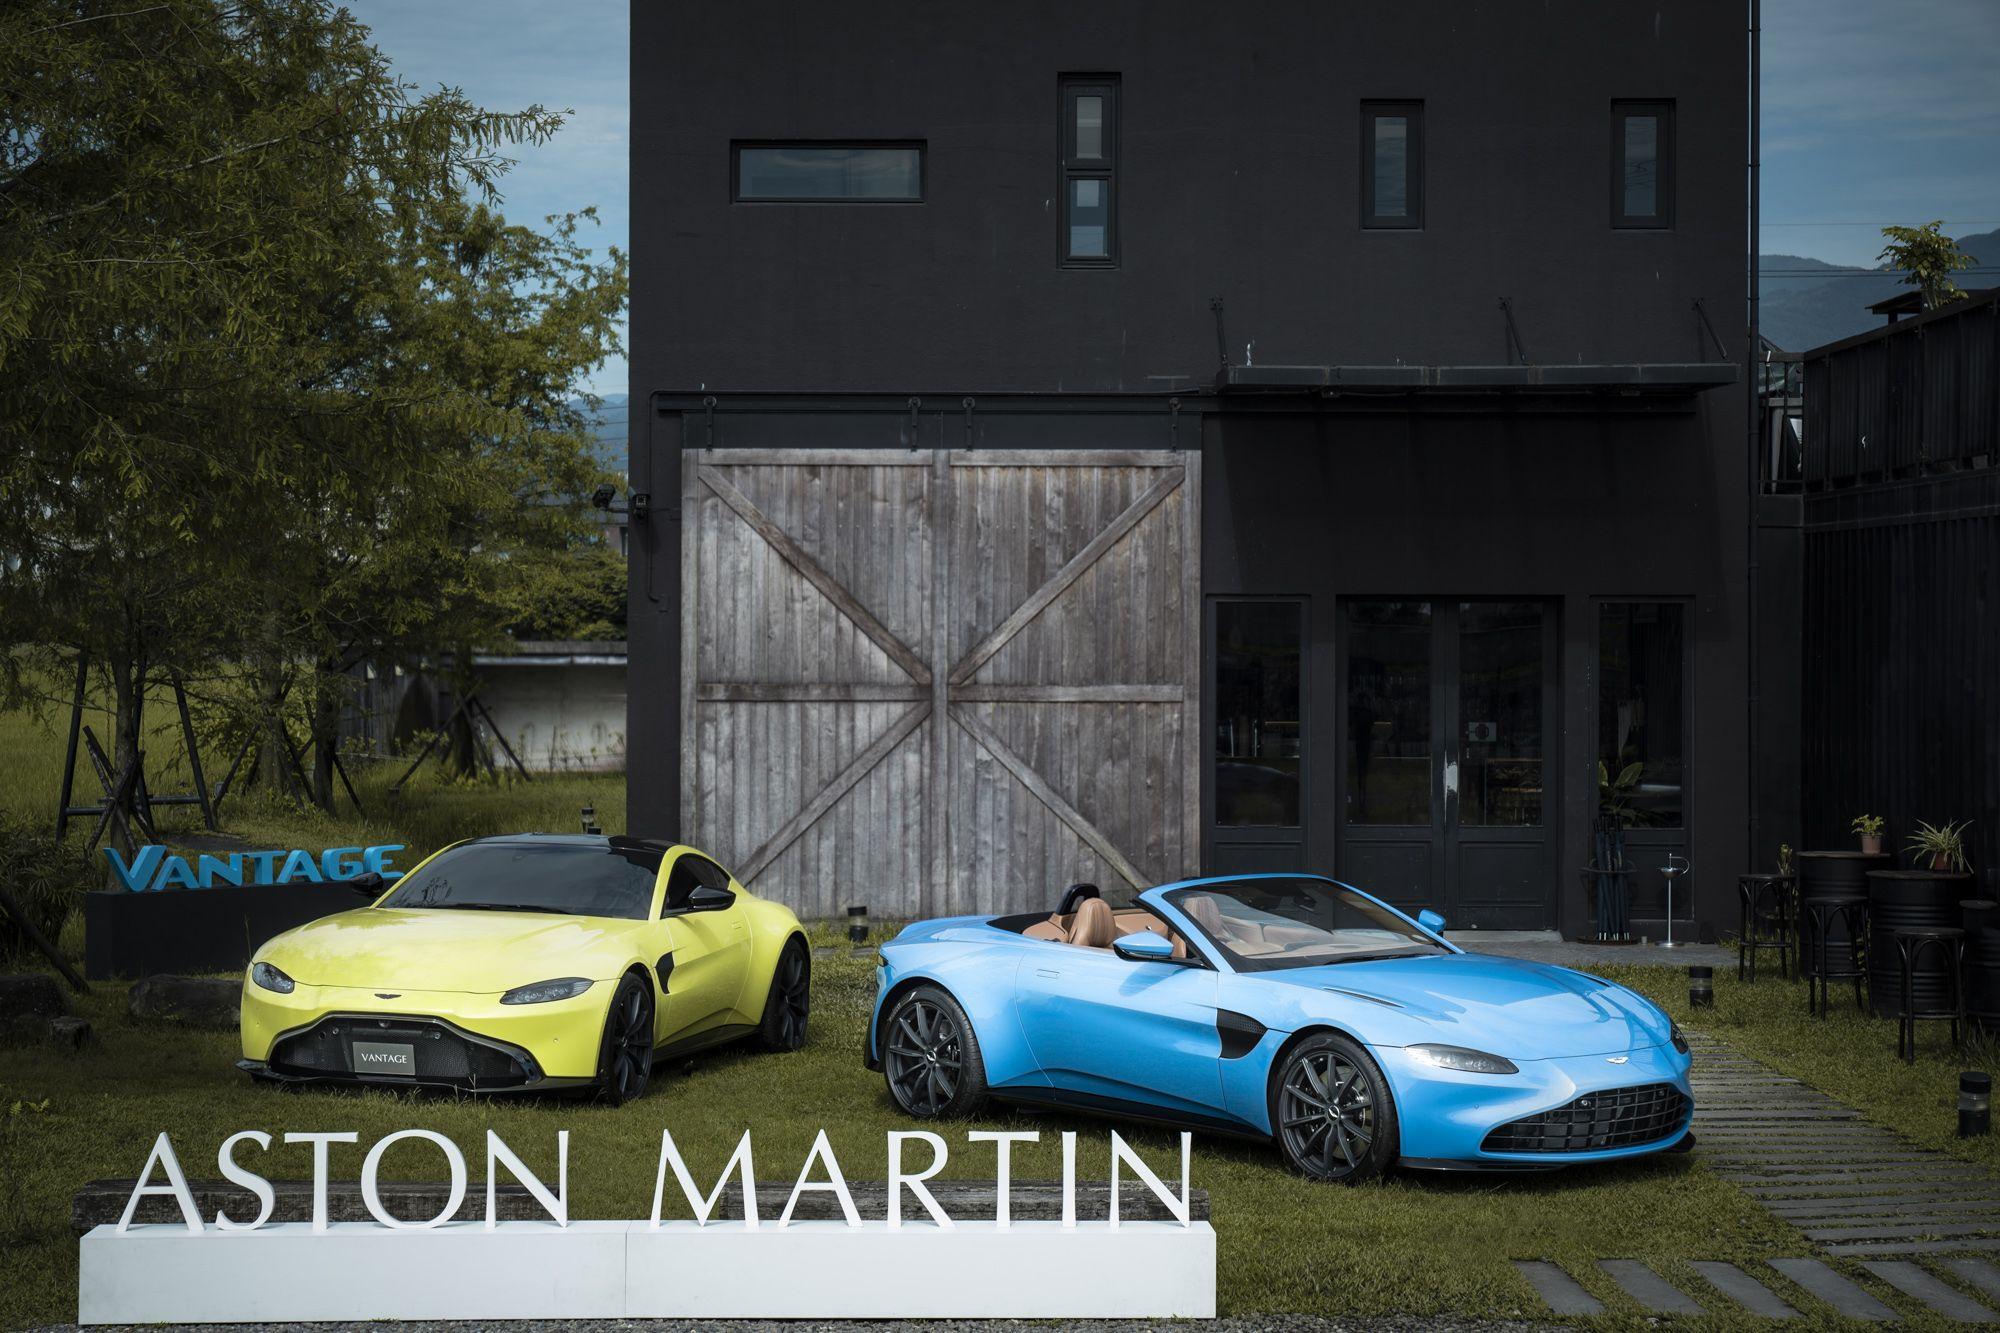 結合航太技術、開篷僅需6.7秒!Aston Martin全新Vantage Roadster 21年式亮眼車色首次公開登台!